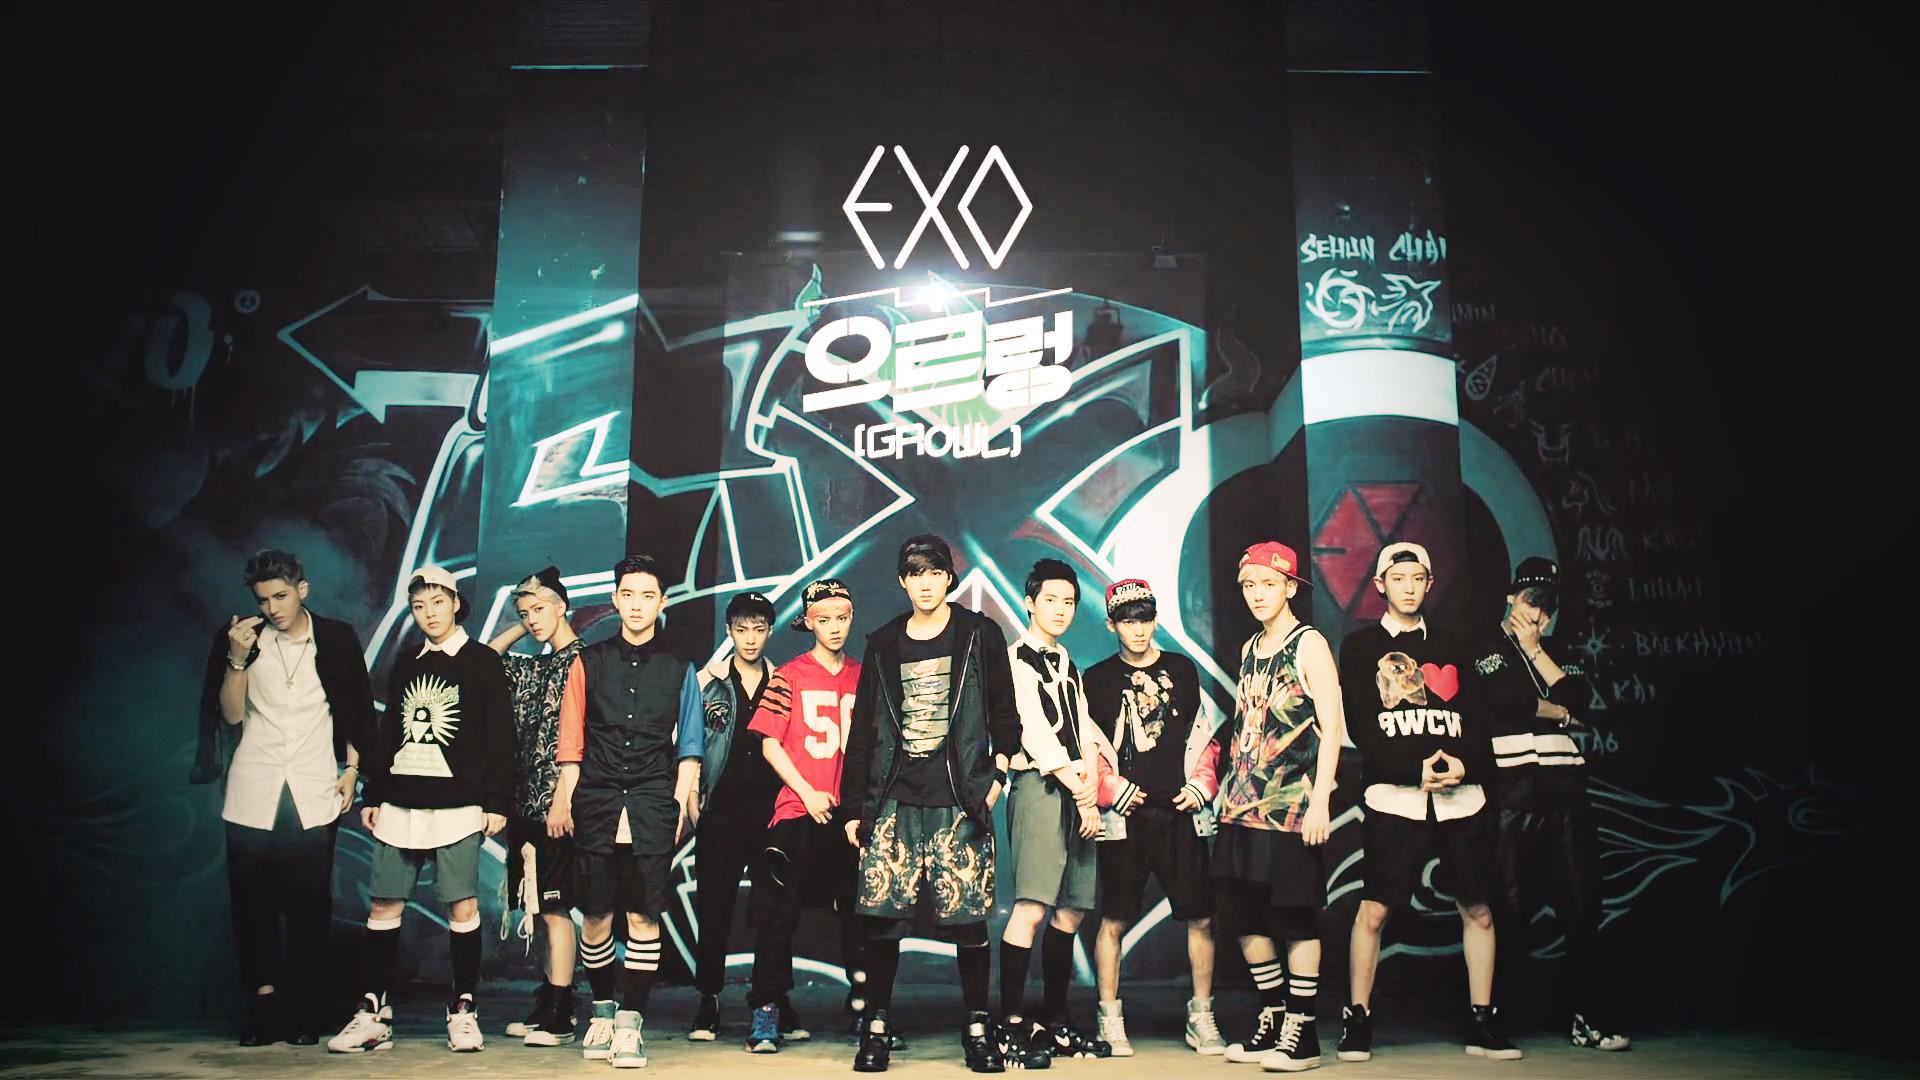 Exo Desktop Wallpaper 79 Images